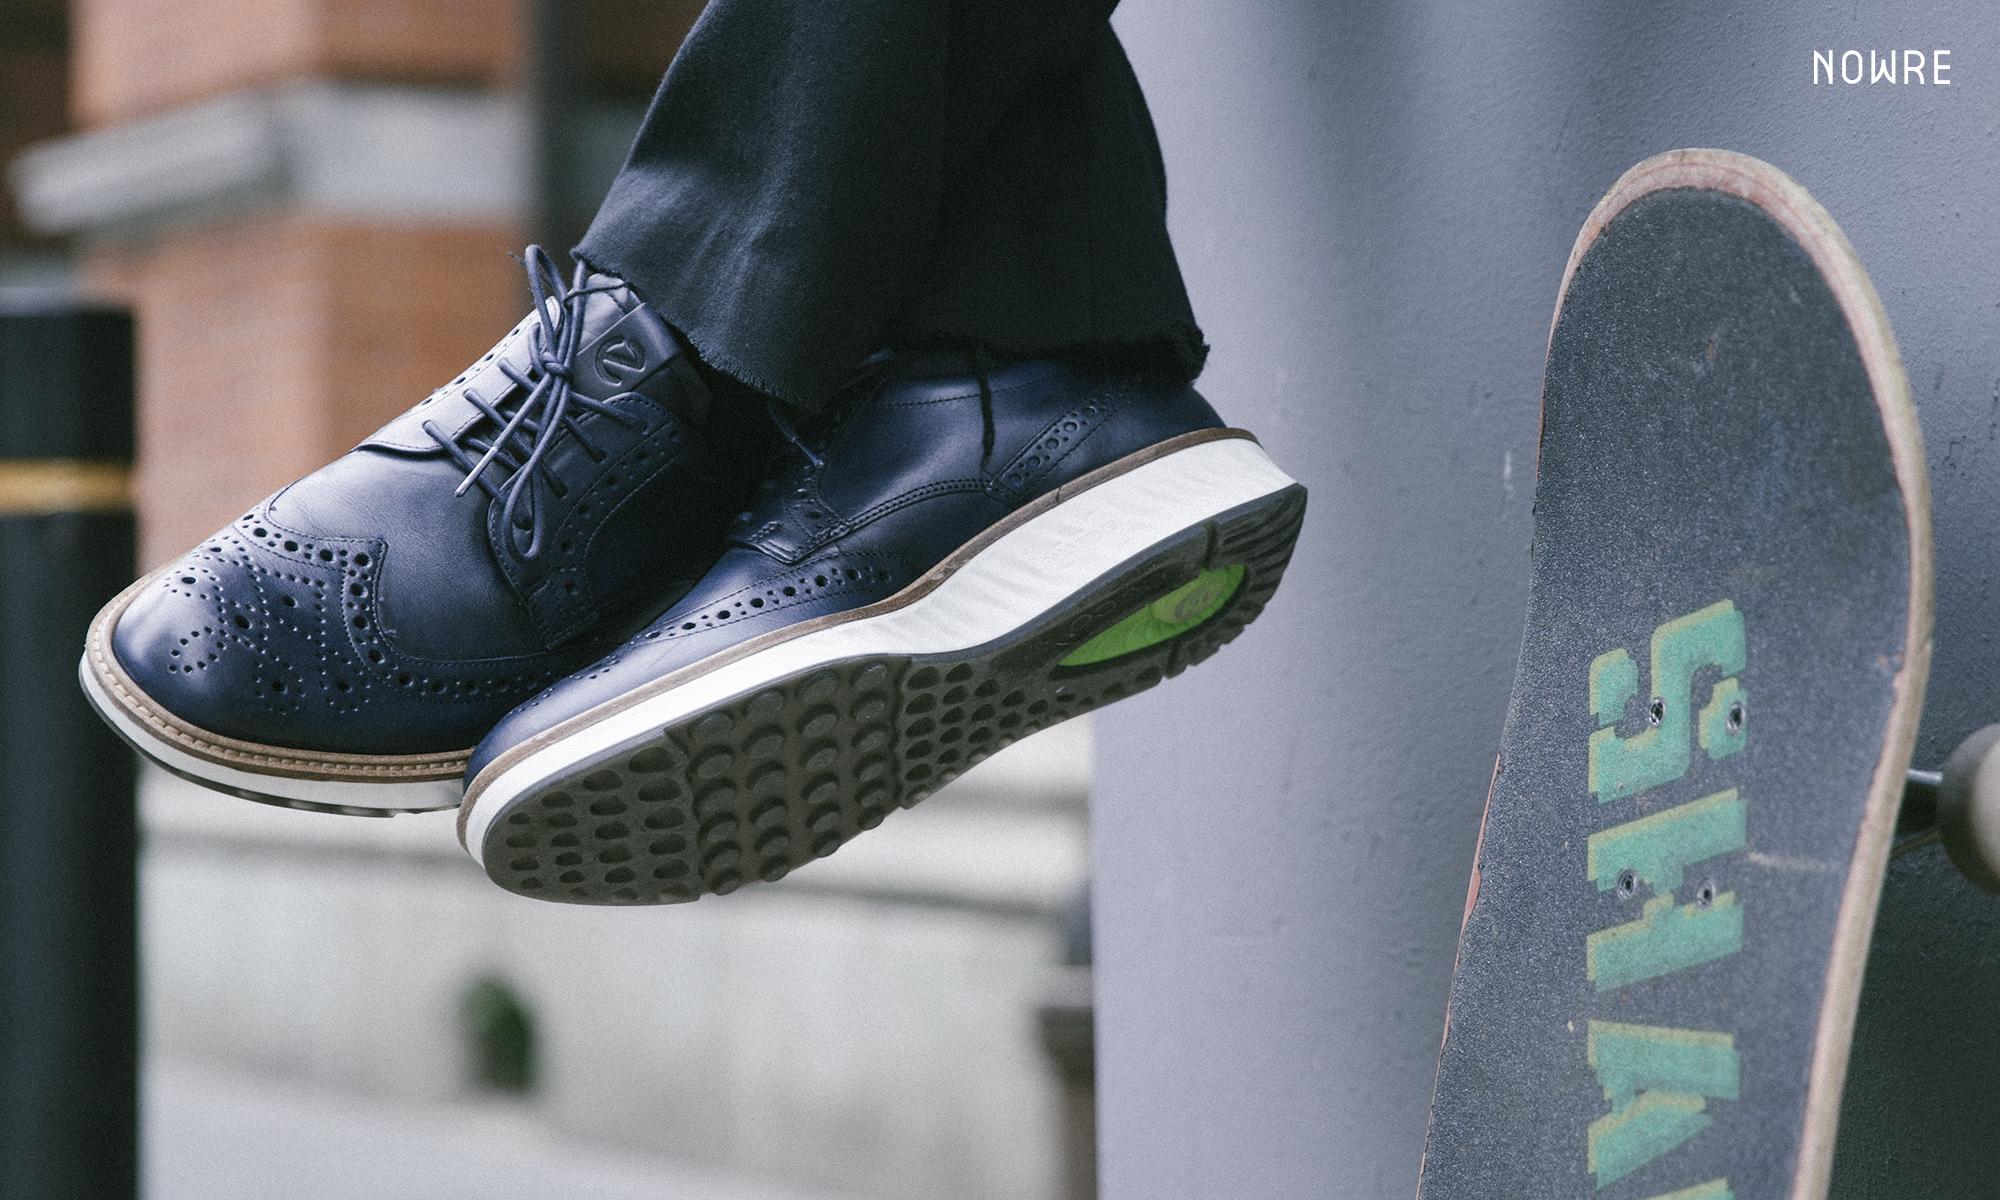 你可别被这双鞋的商务外表所欺骗…